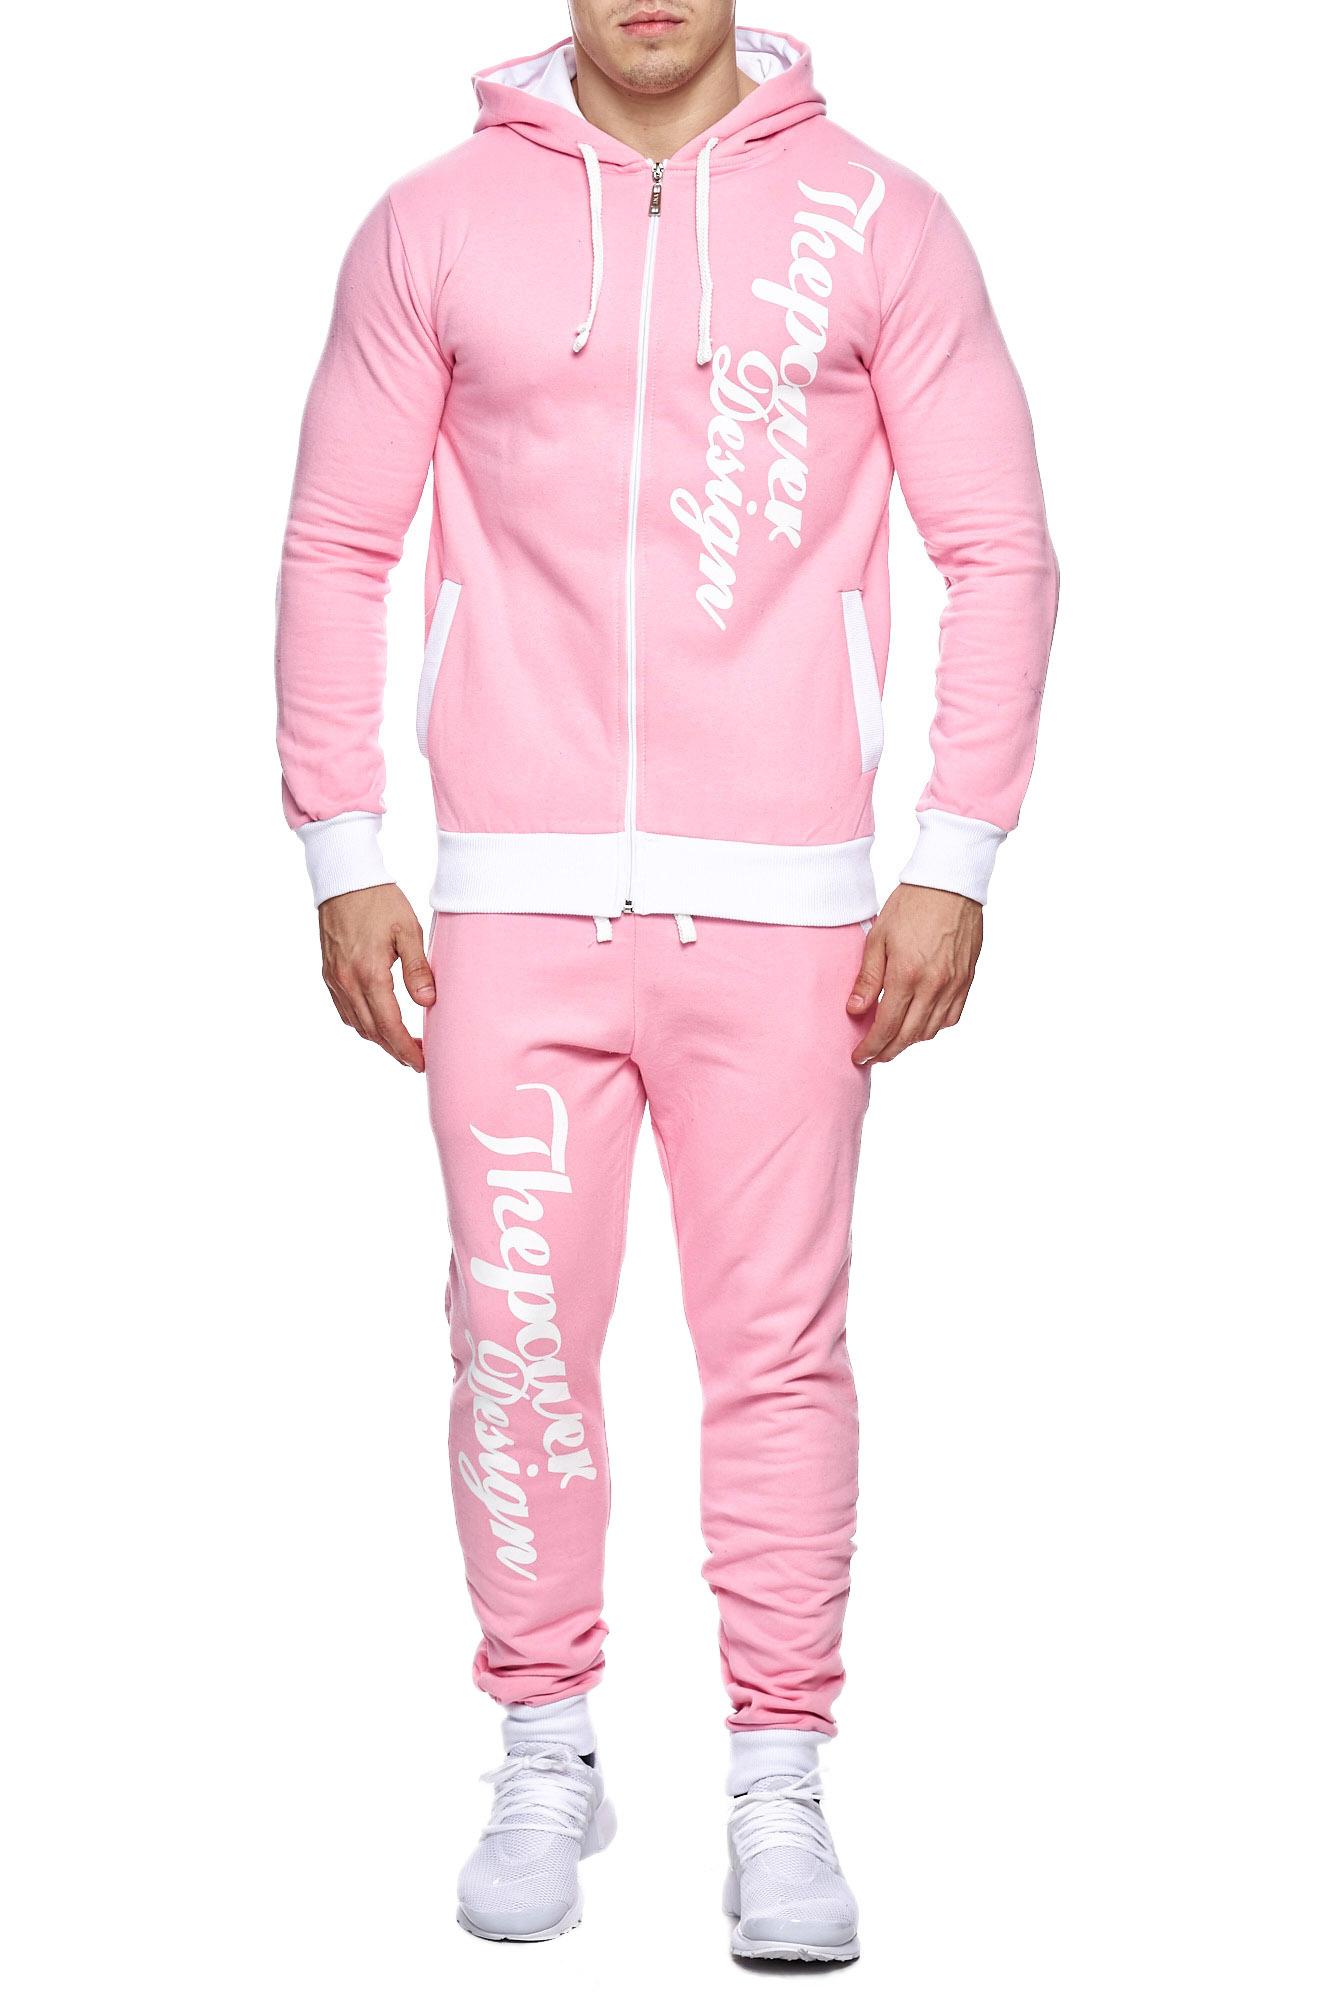 Jogging-Suit-Sports-Suit-Fitness-Power-Men-039-s-Code47 thumbnail 8